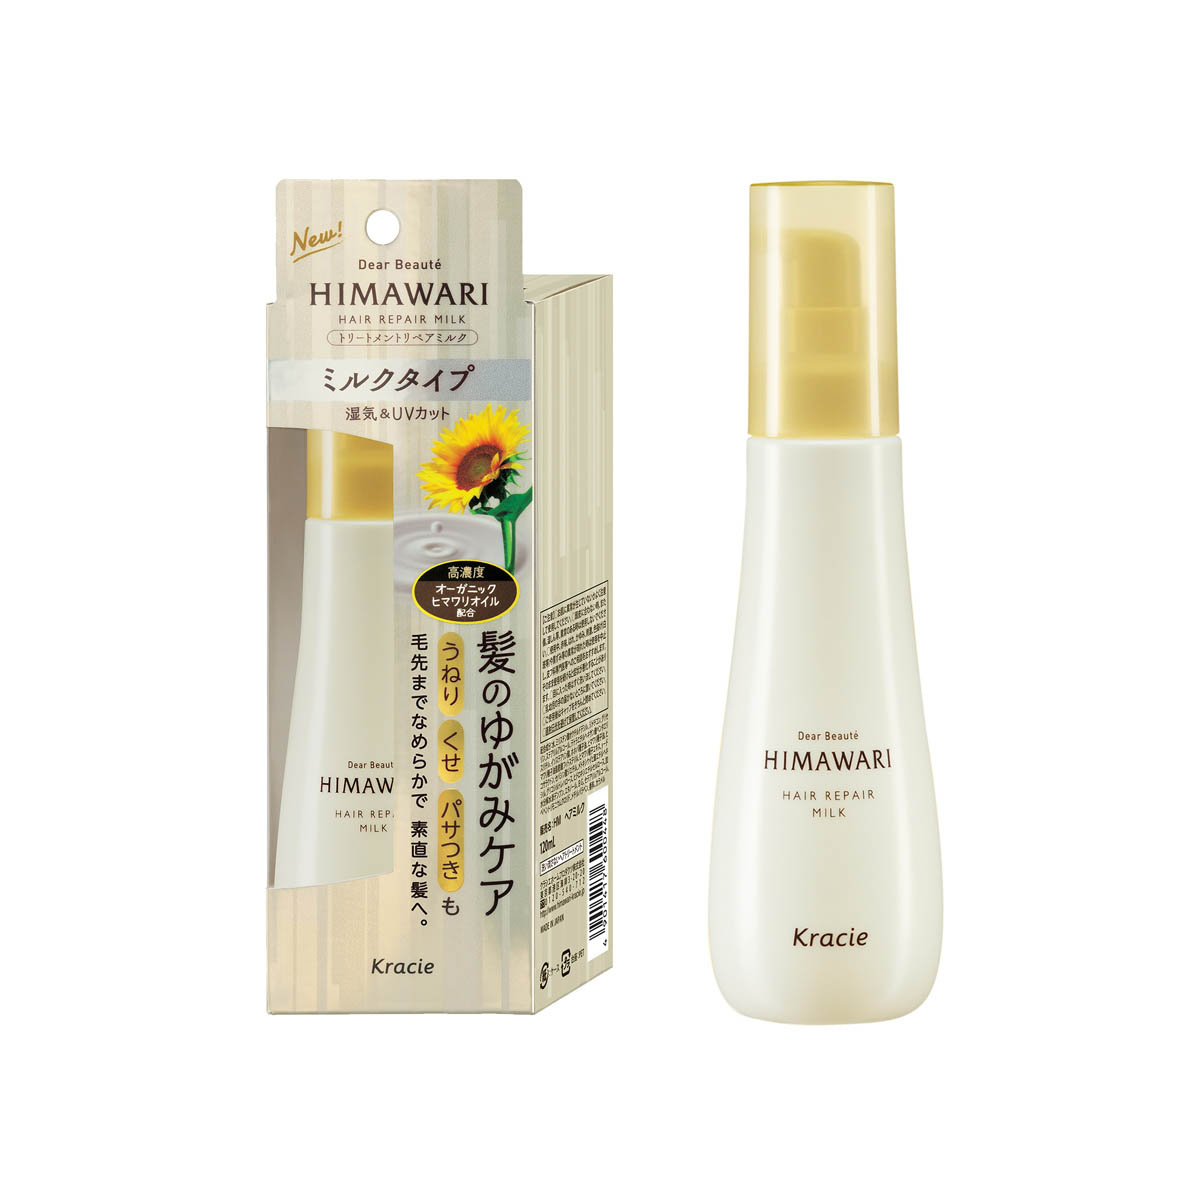 Himawari Hair Repair Milk